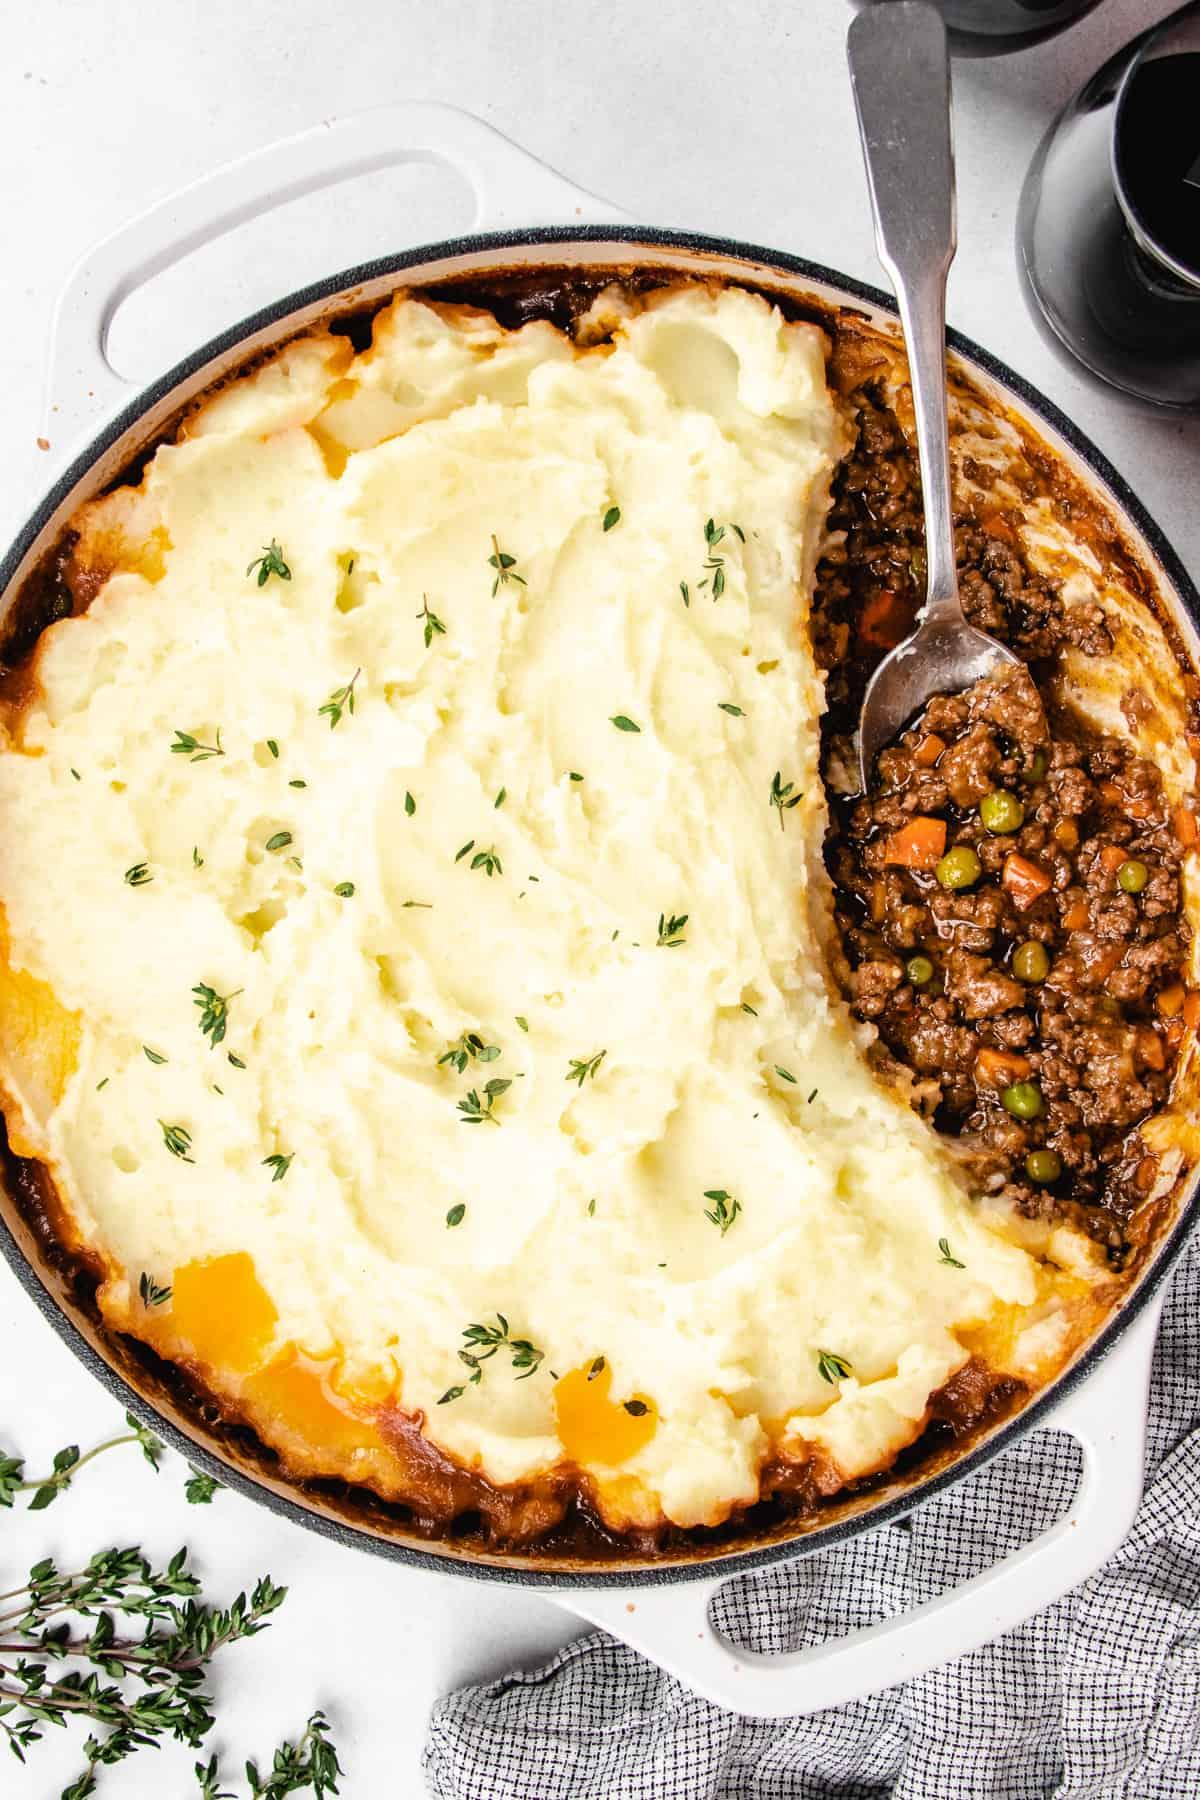 Shepherd's Pie in a white casserole.